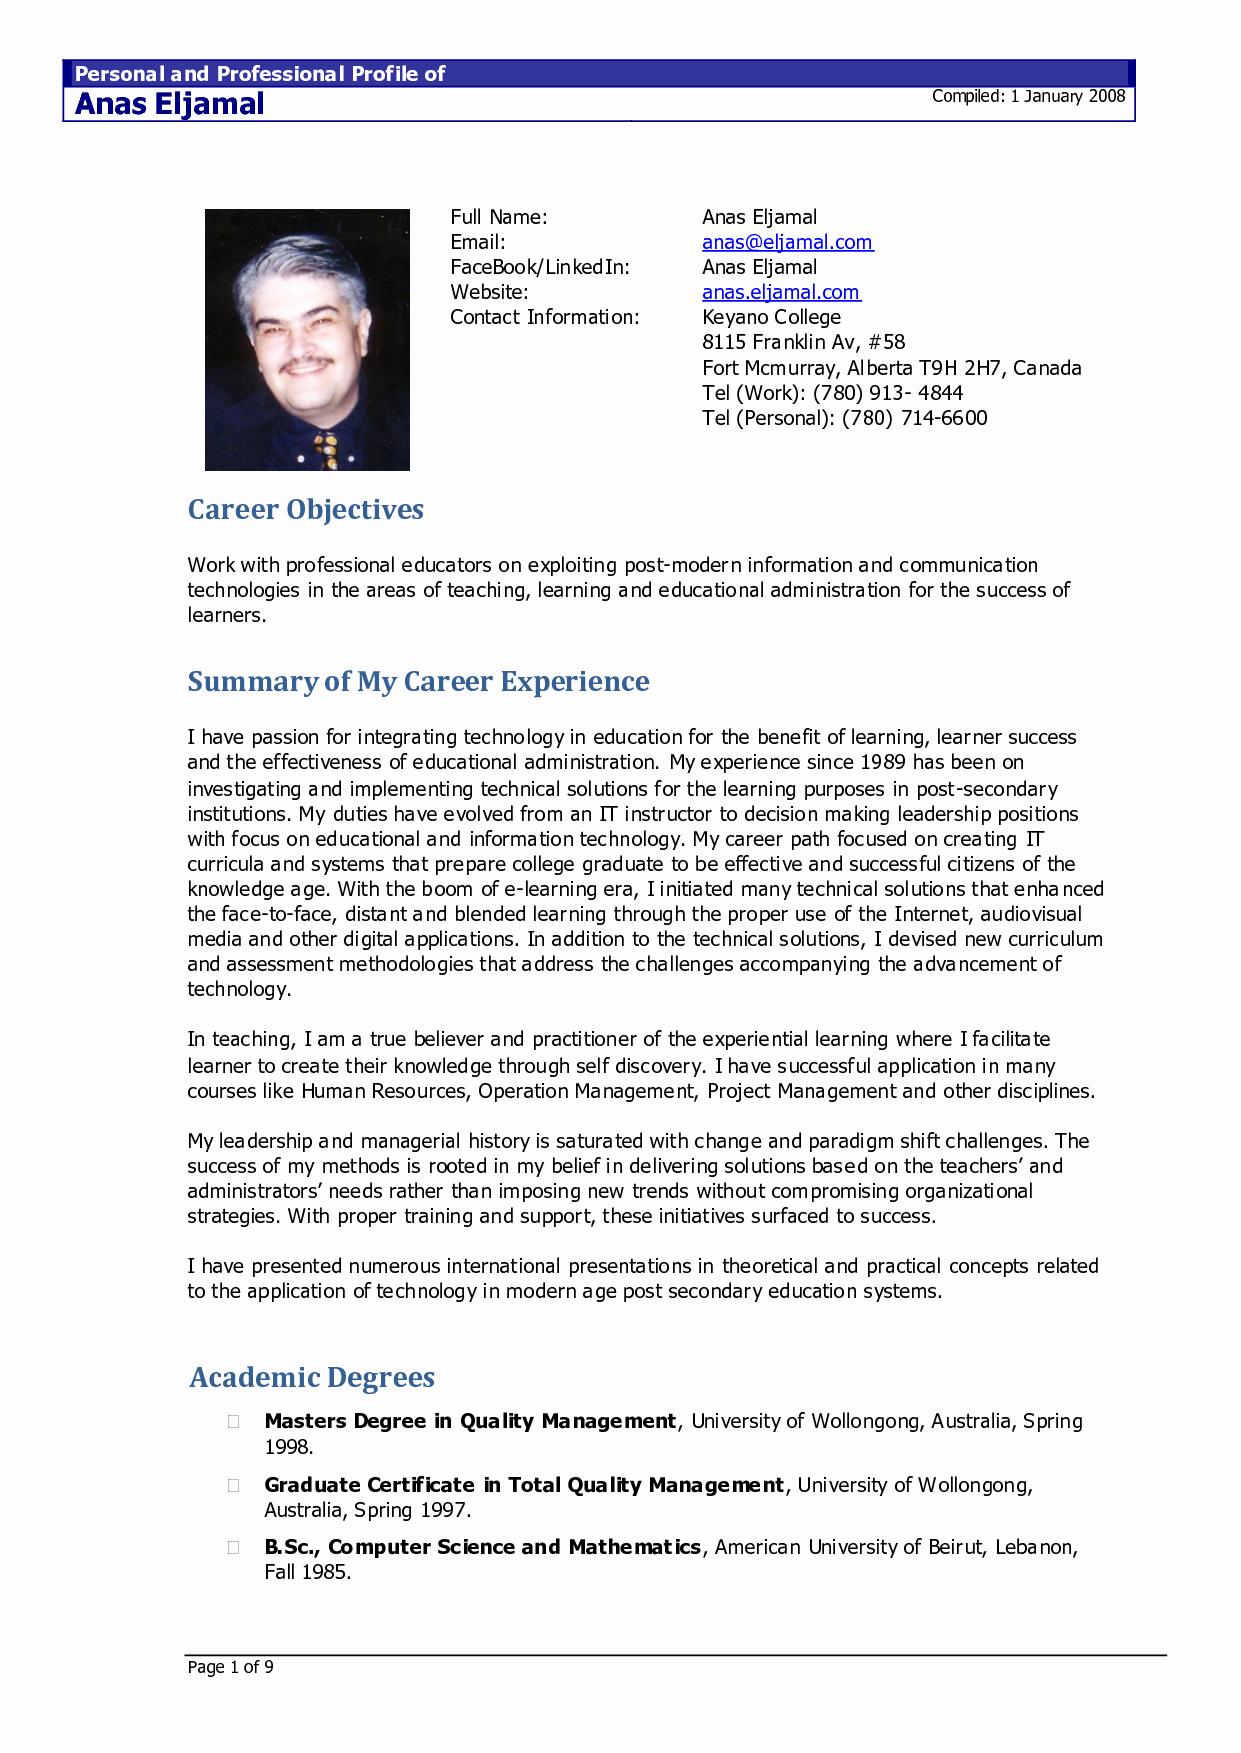 Sample Of Curriculum Vitae format Unique Resume Sample Doc